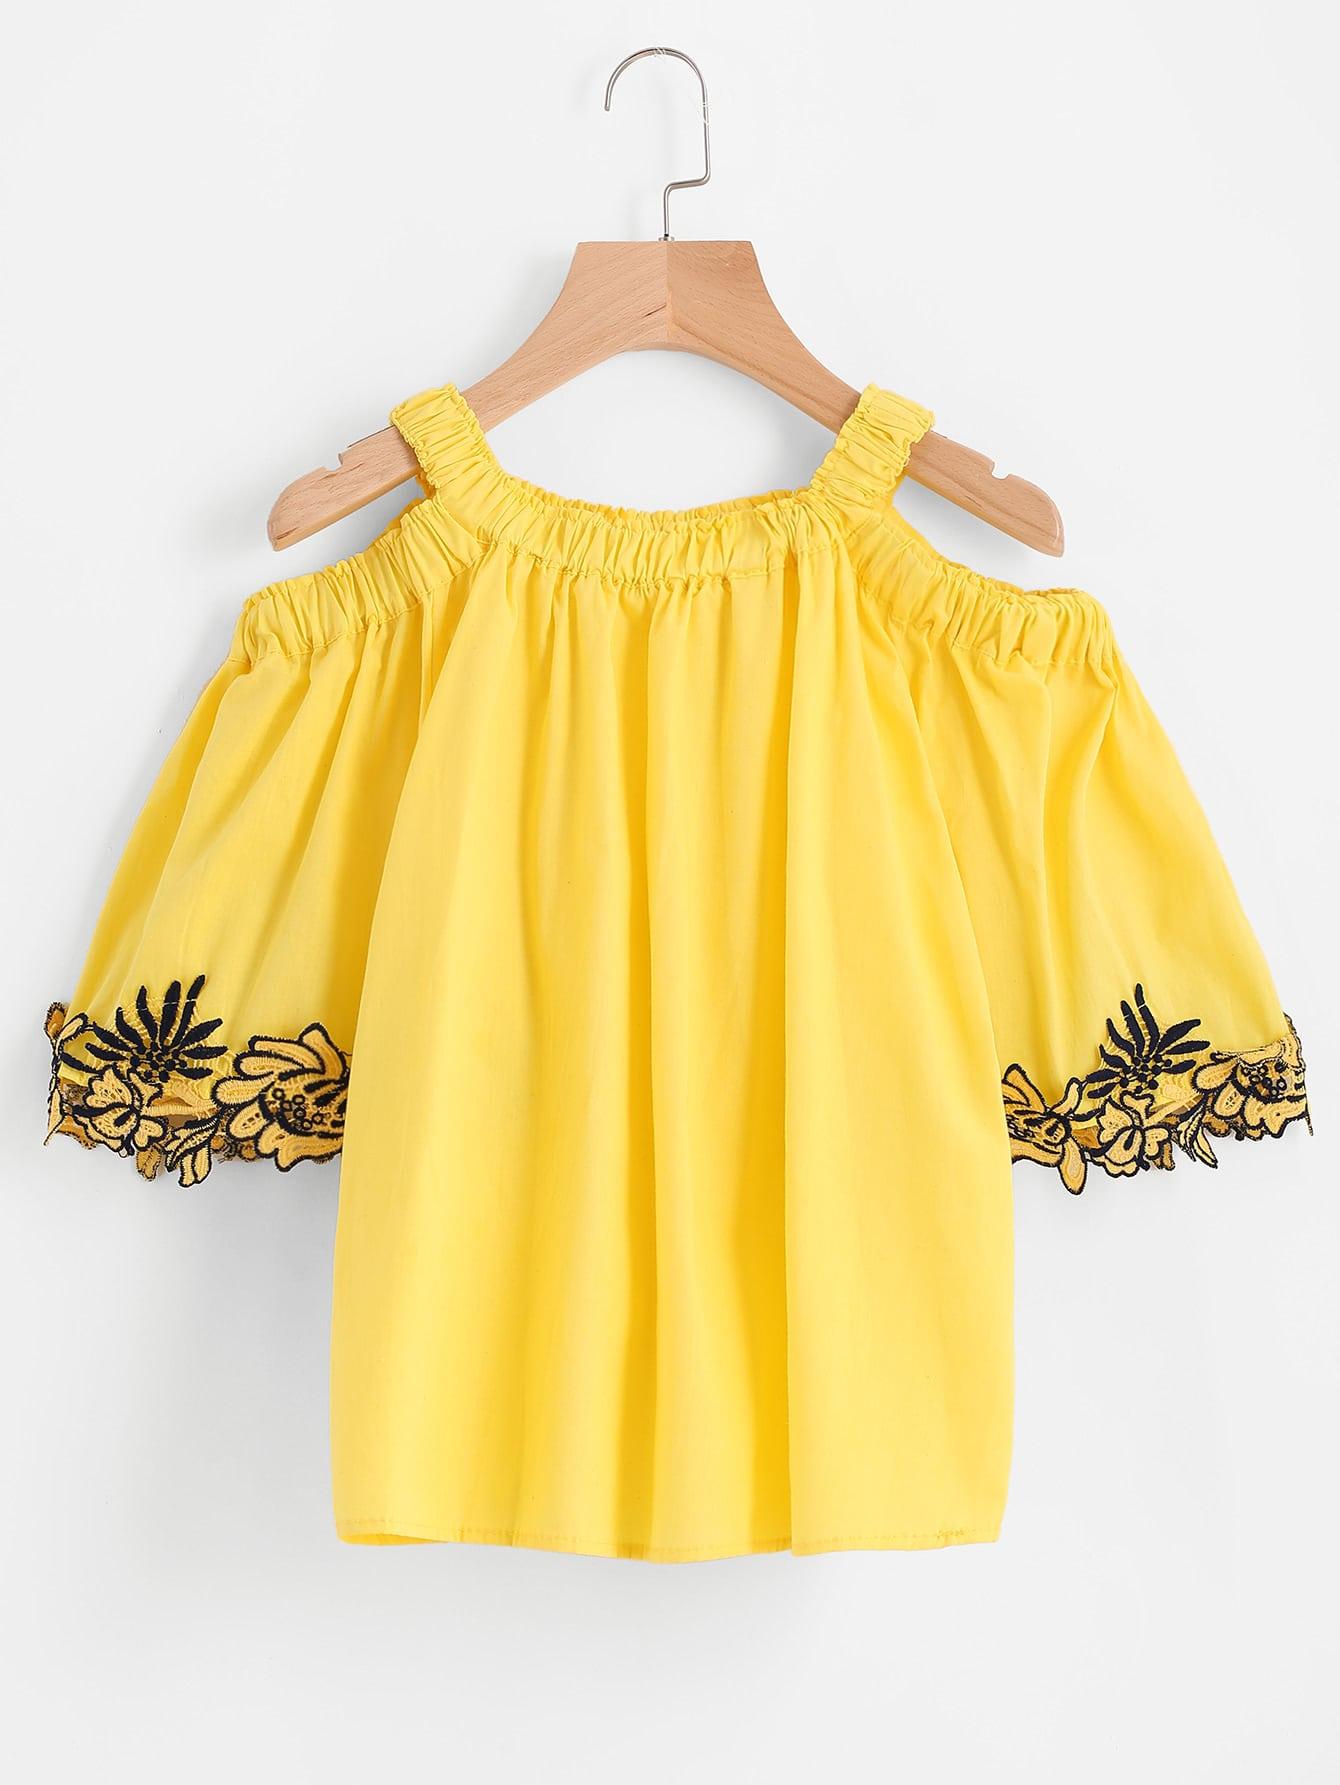 Open Shoulder Contrast Lace Top blouse170420104